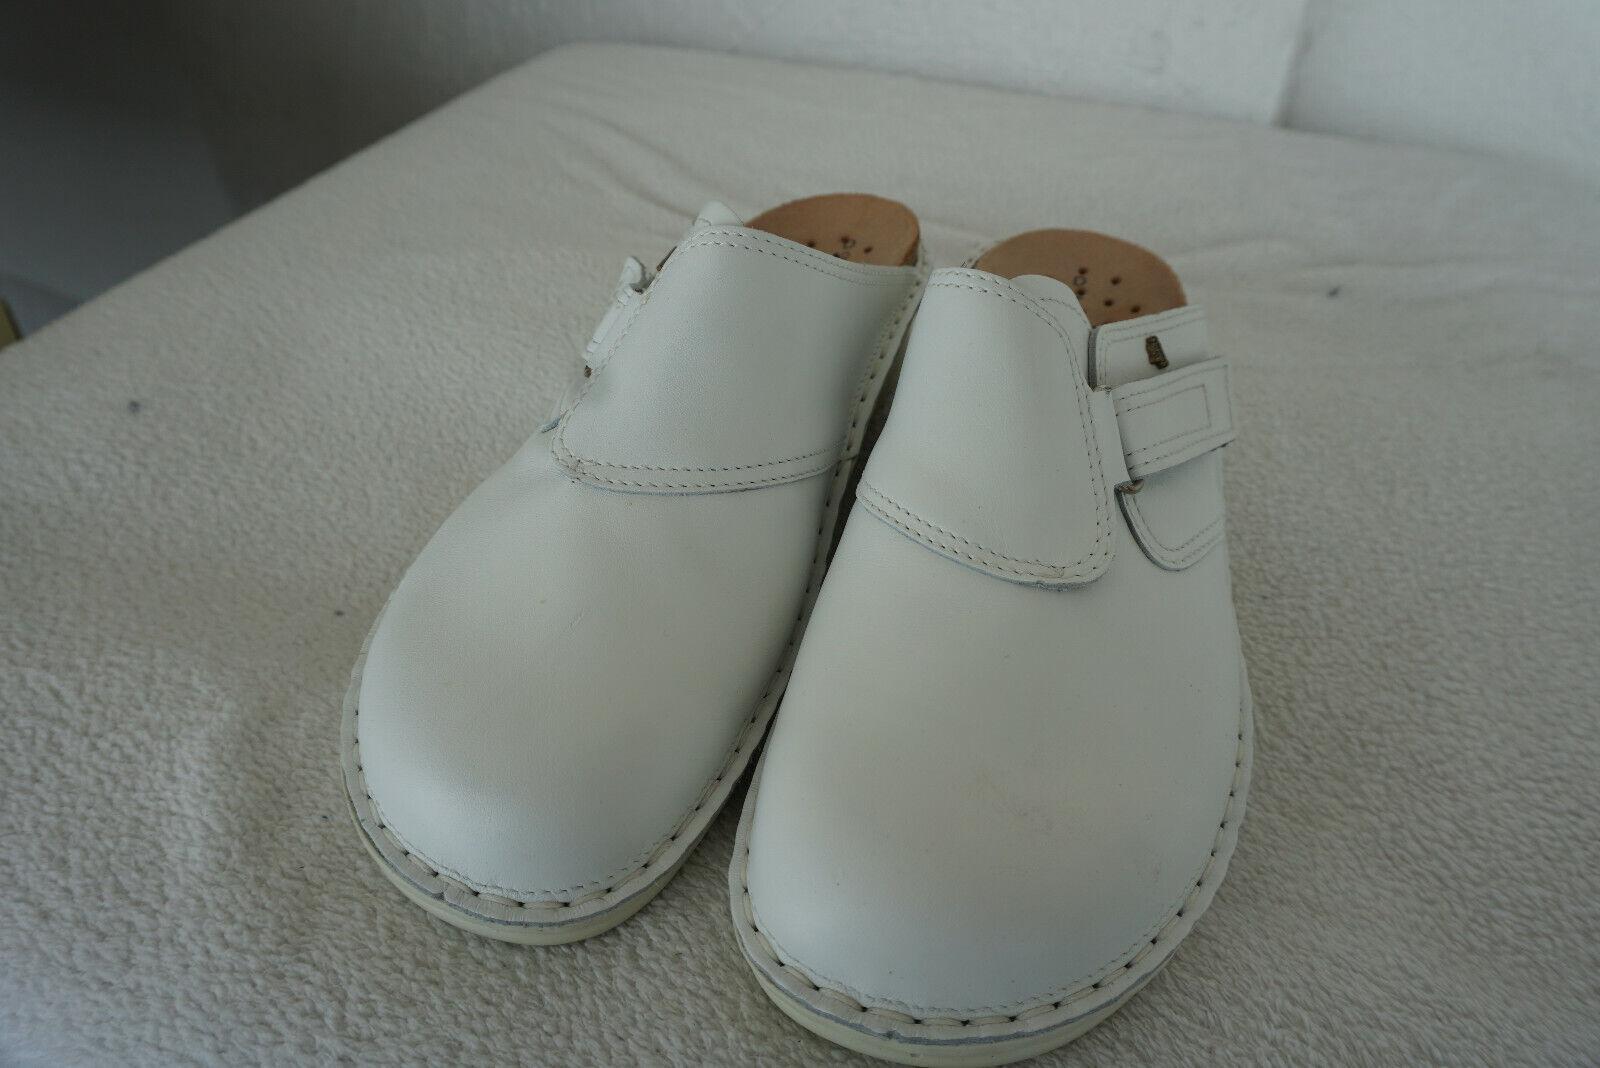 FINN COMFORT d'été chaussures sabots dépôts Sandales Taille 42 en cuir blanc pratique neuf